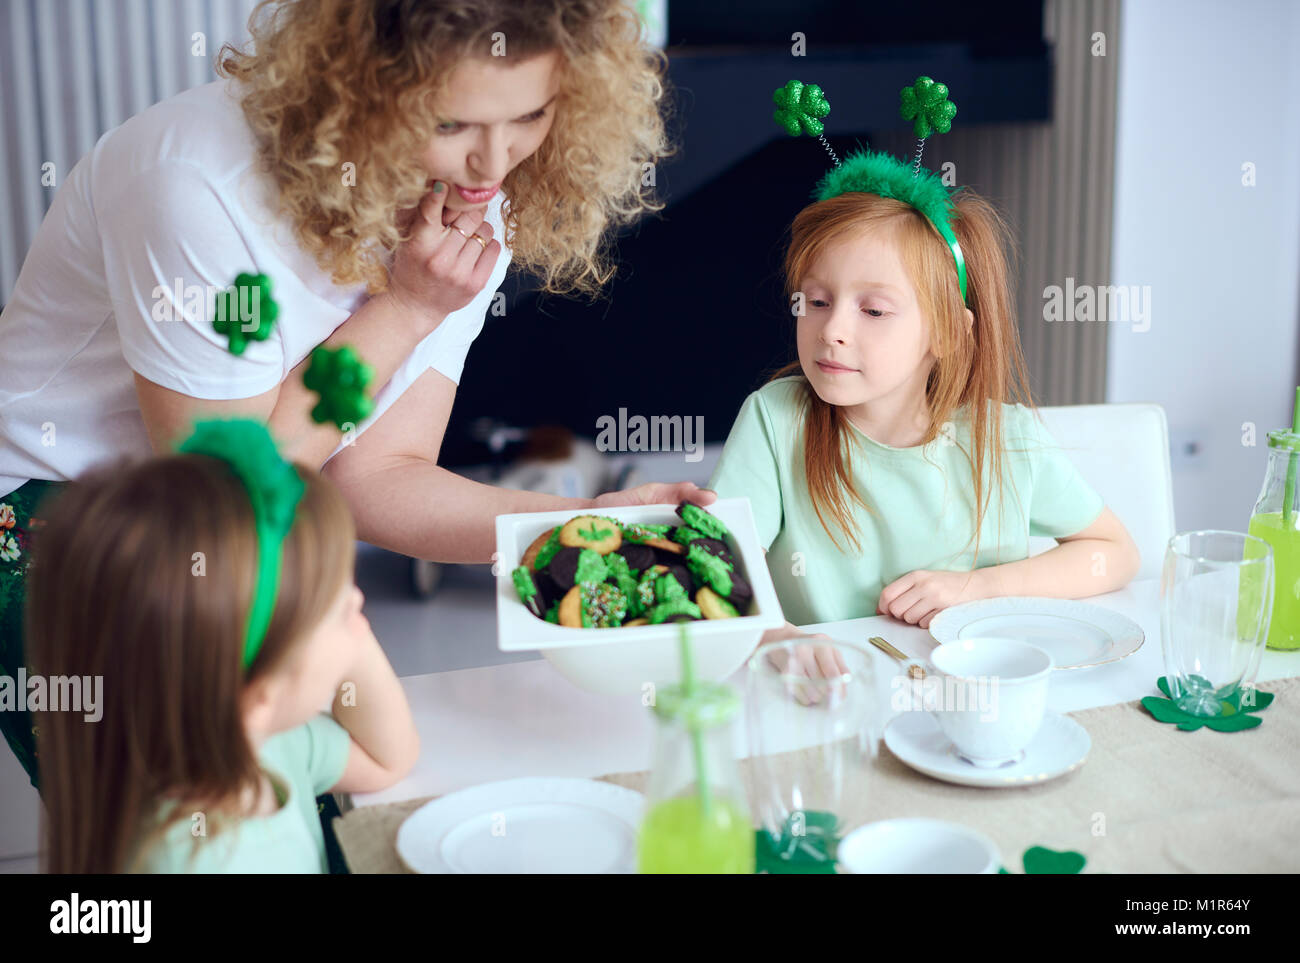 La madre dei bambini che offre gustosi biscotti Immagini Stock